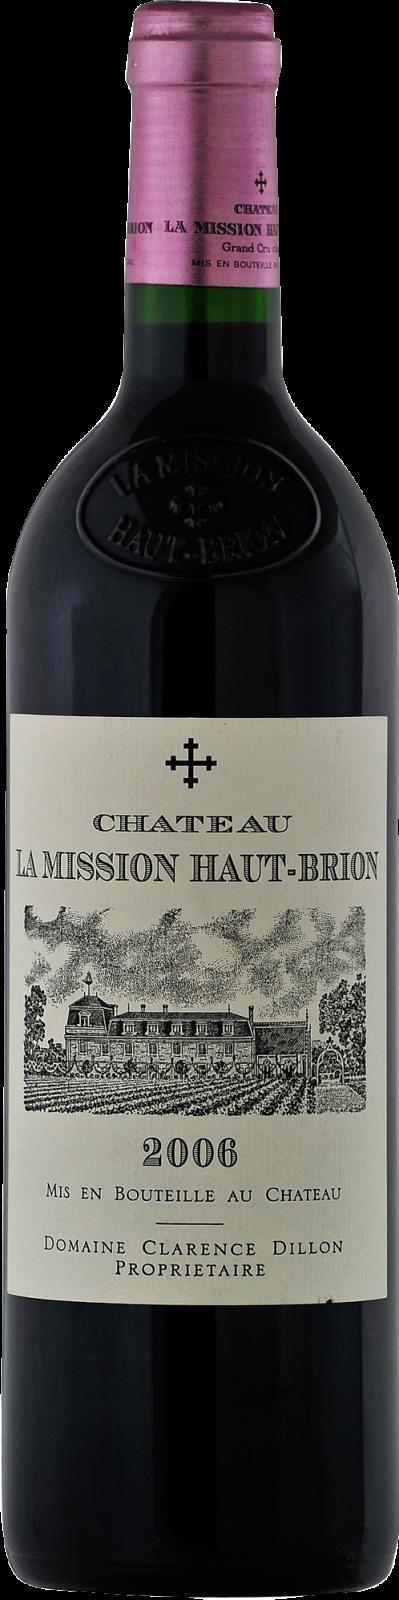 Château La Mission-Haut Brion Pessac-Leognan Grand Cru Classé de Graves